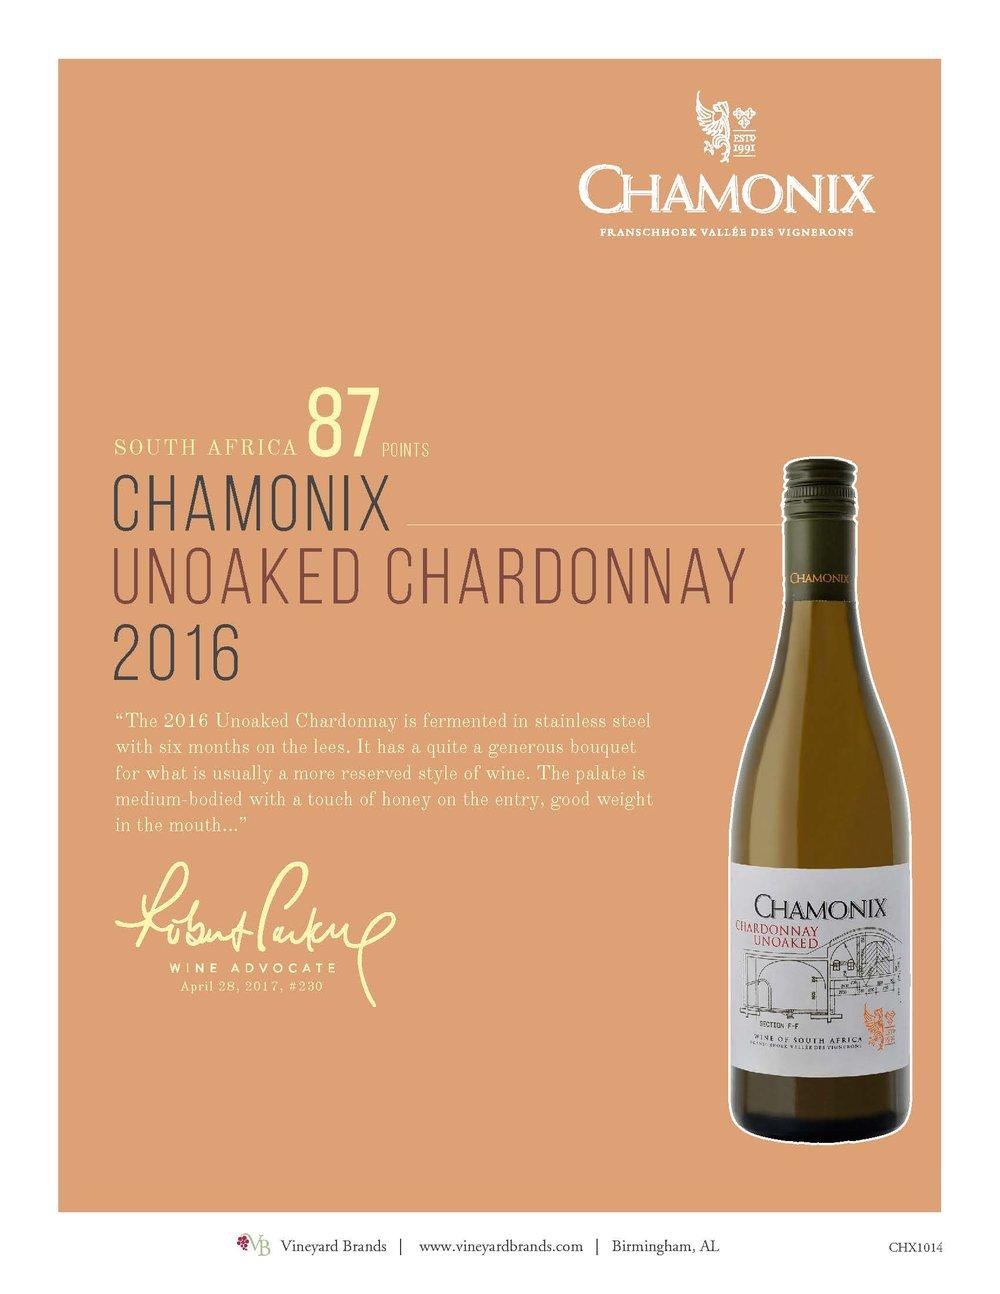 ChamonixUnoakedChardonnay2016.jpg